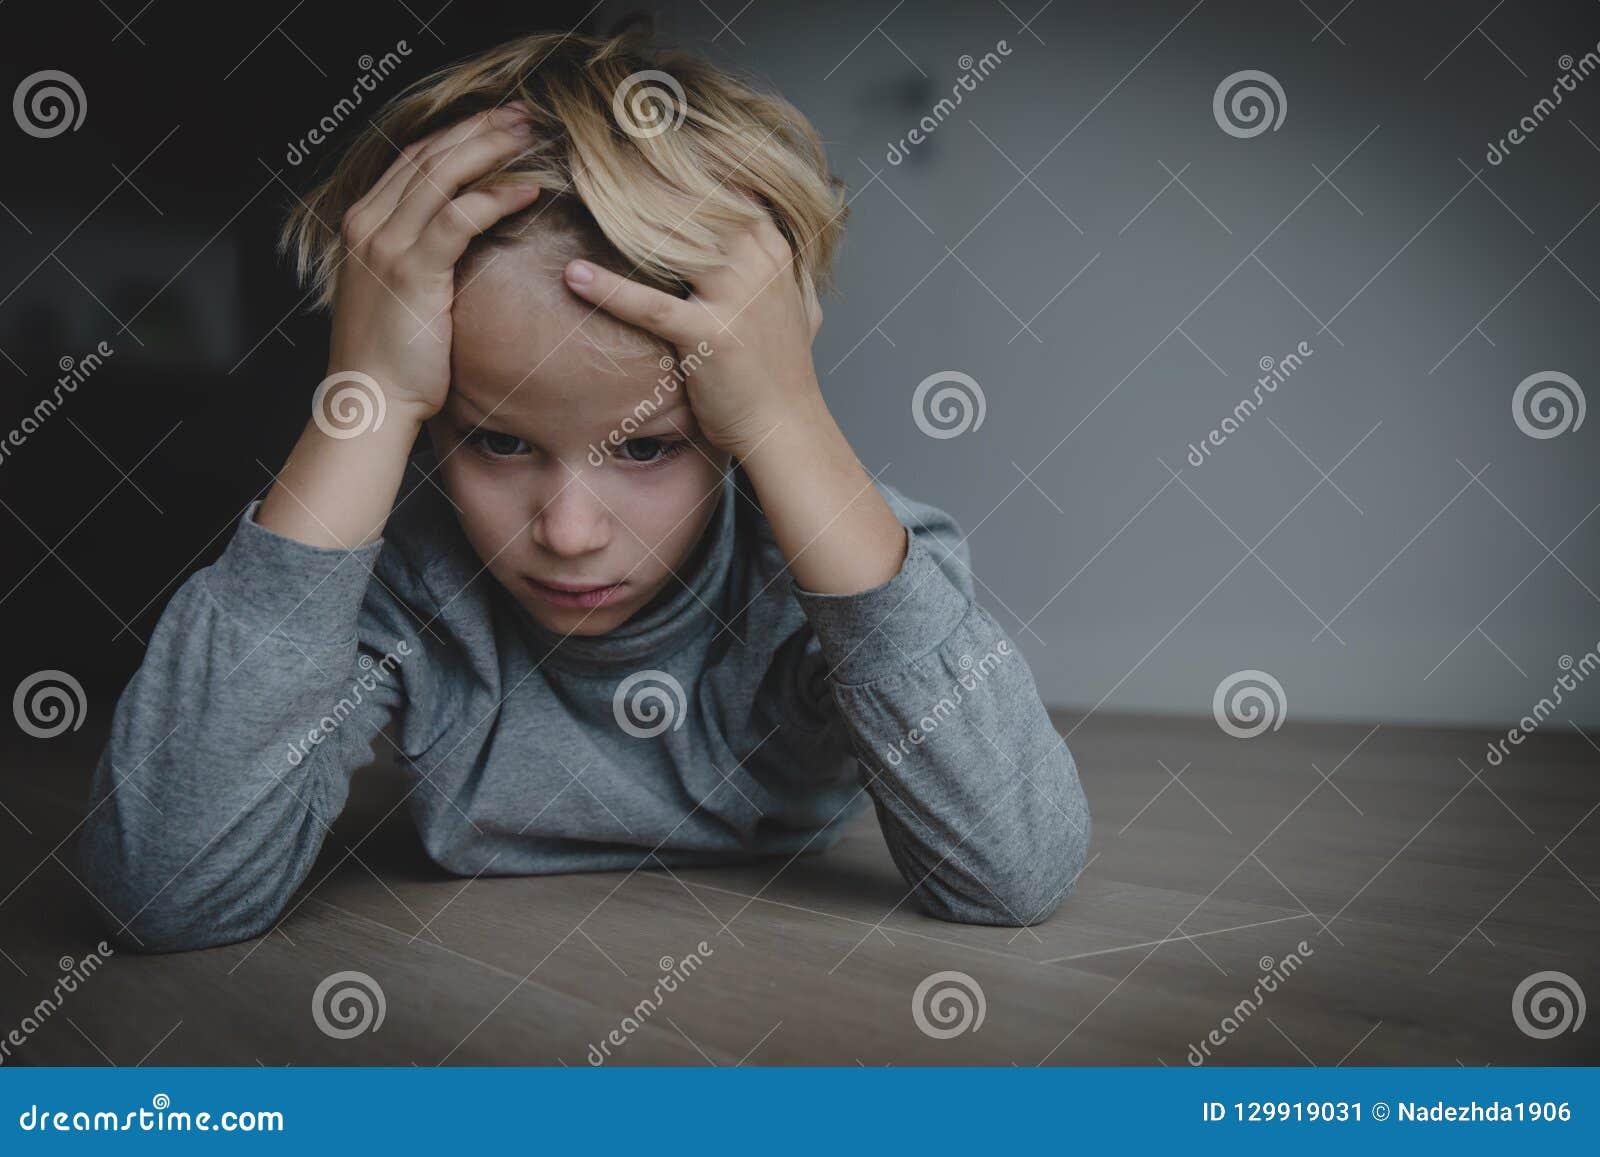 Trauriges betontes müdes erschöpftes Kind zu Hause